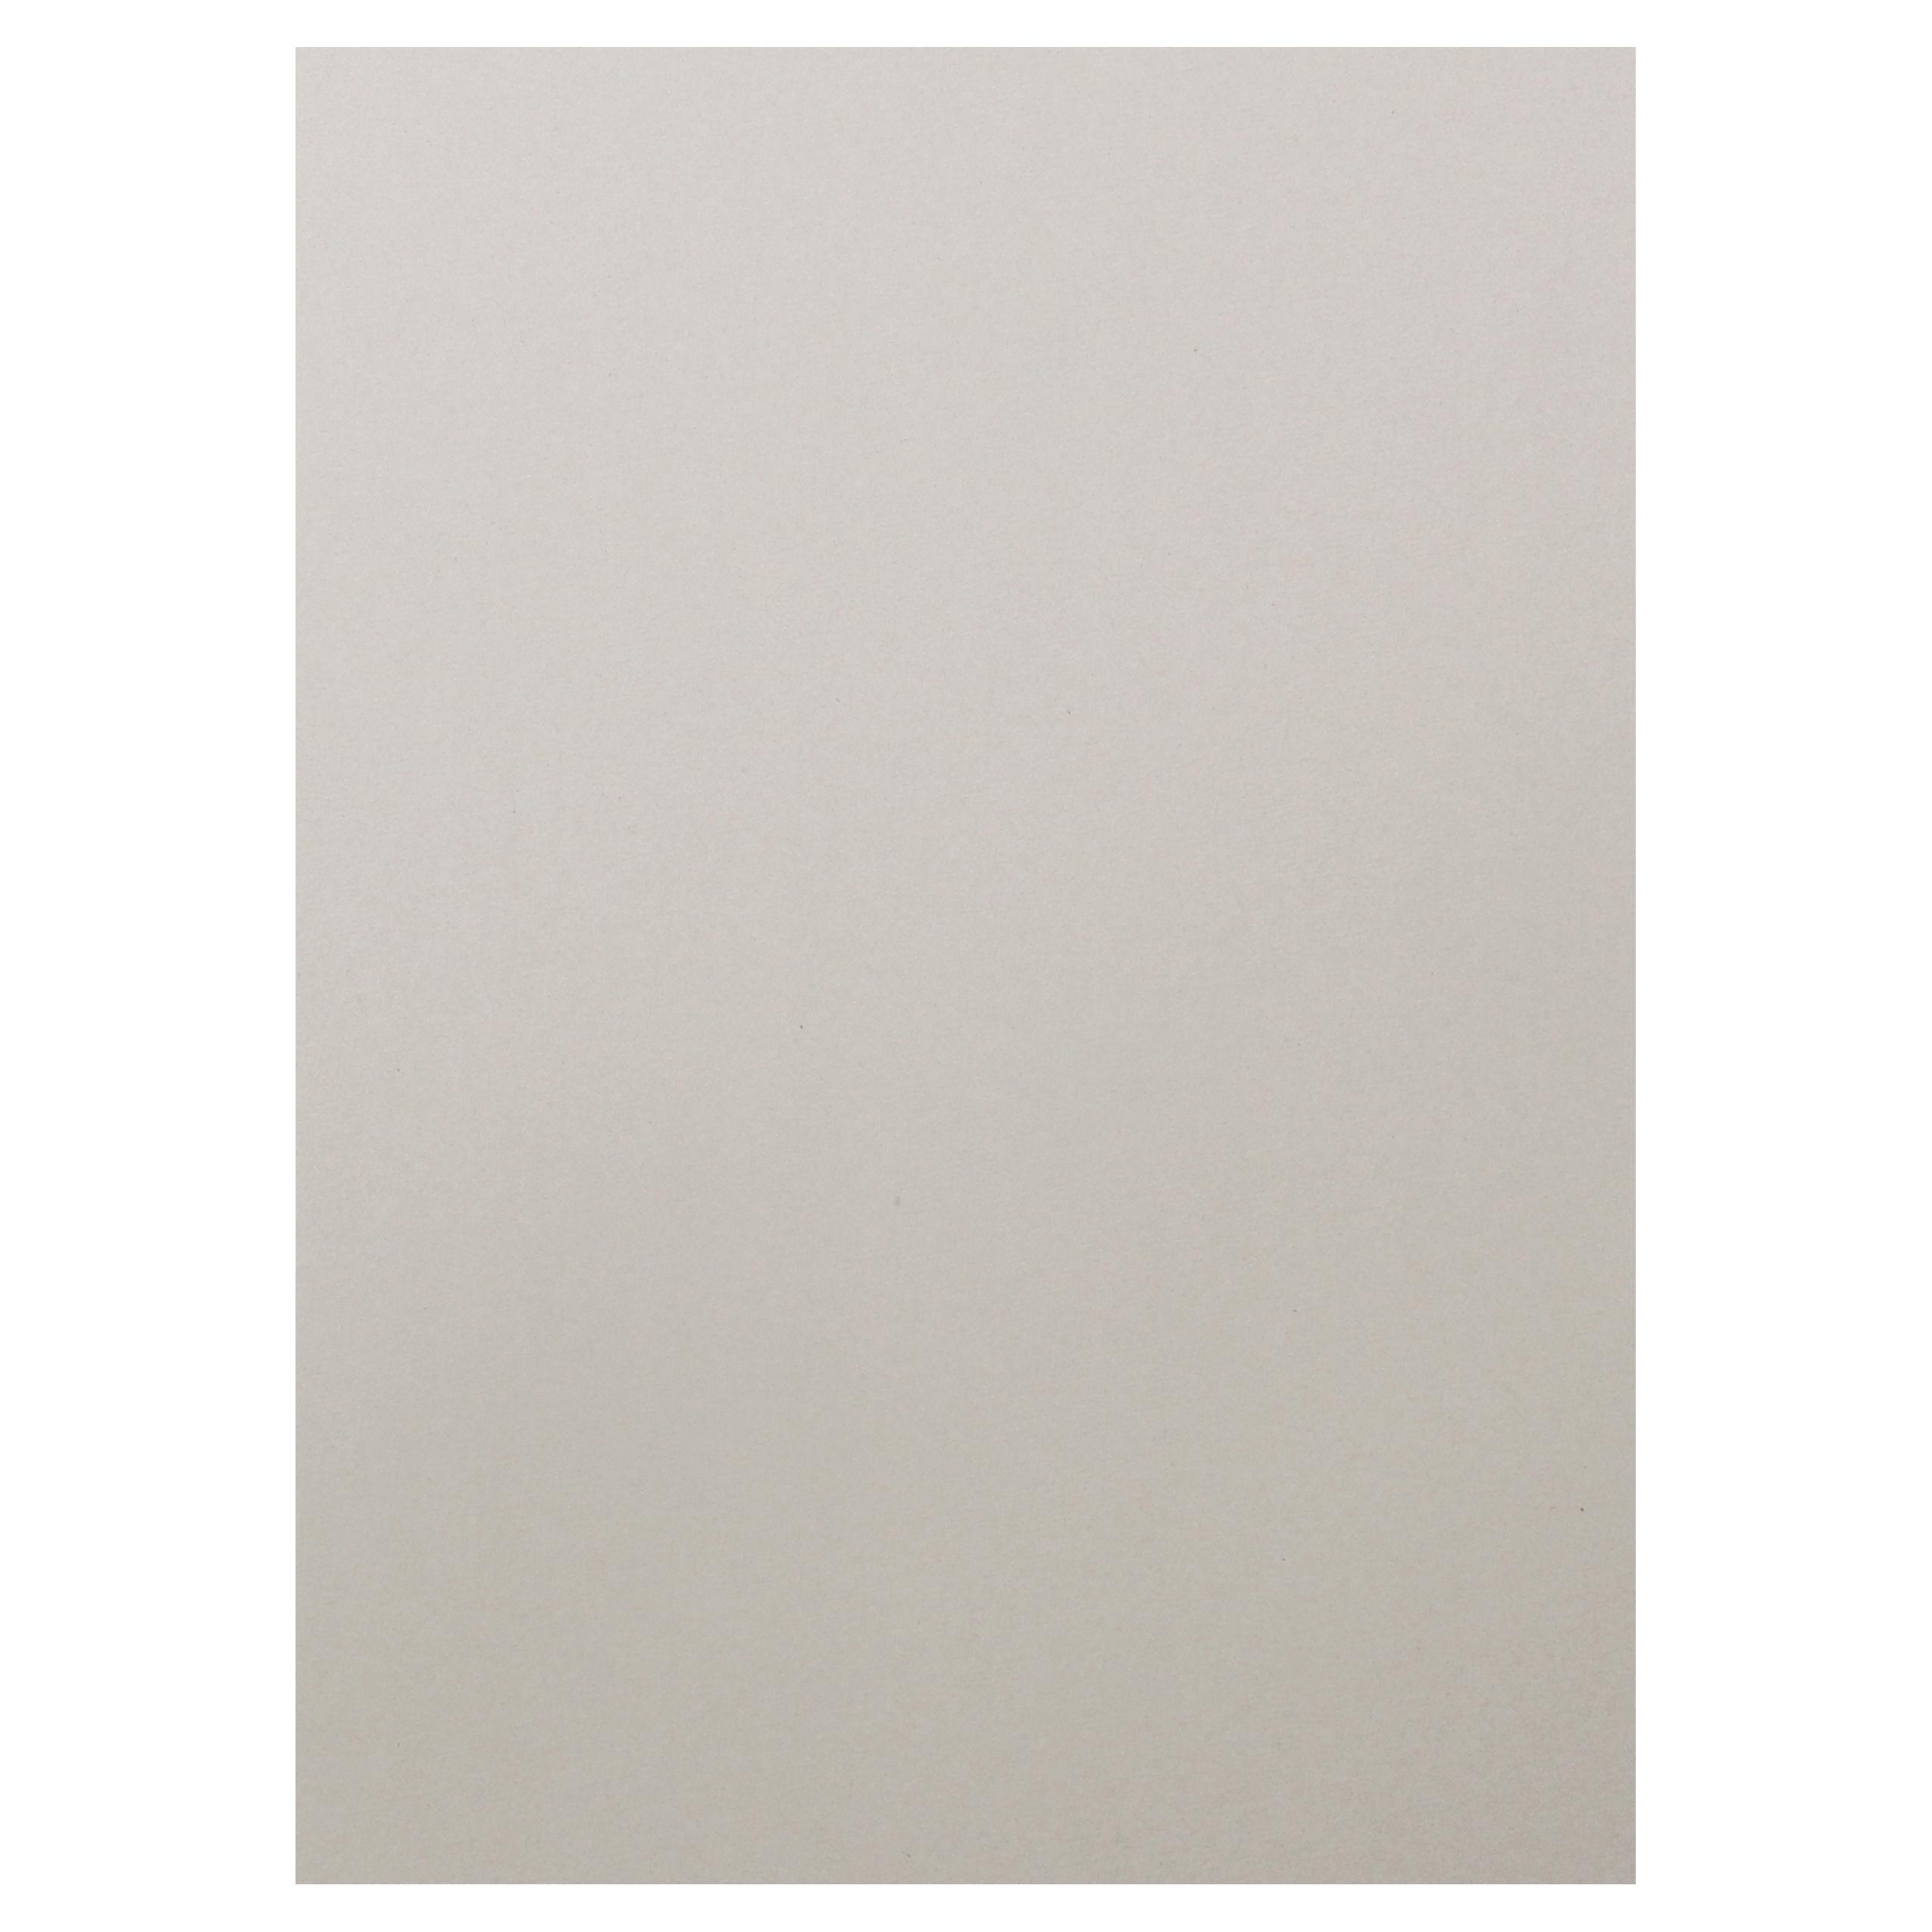 A4カード+α ボード紙 グレー 270g